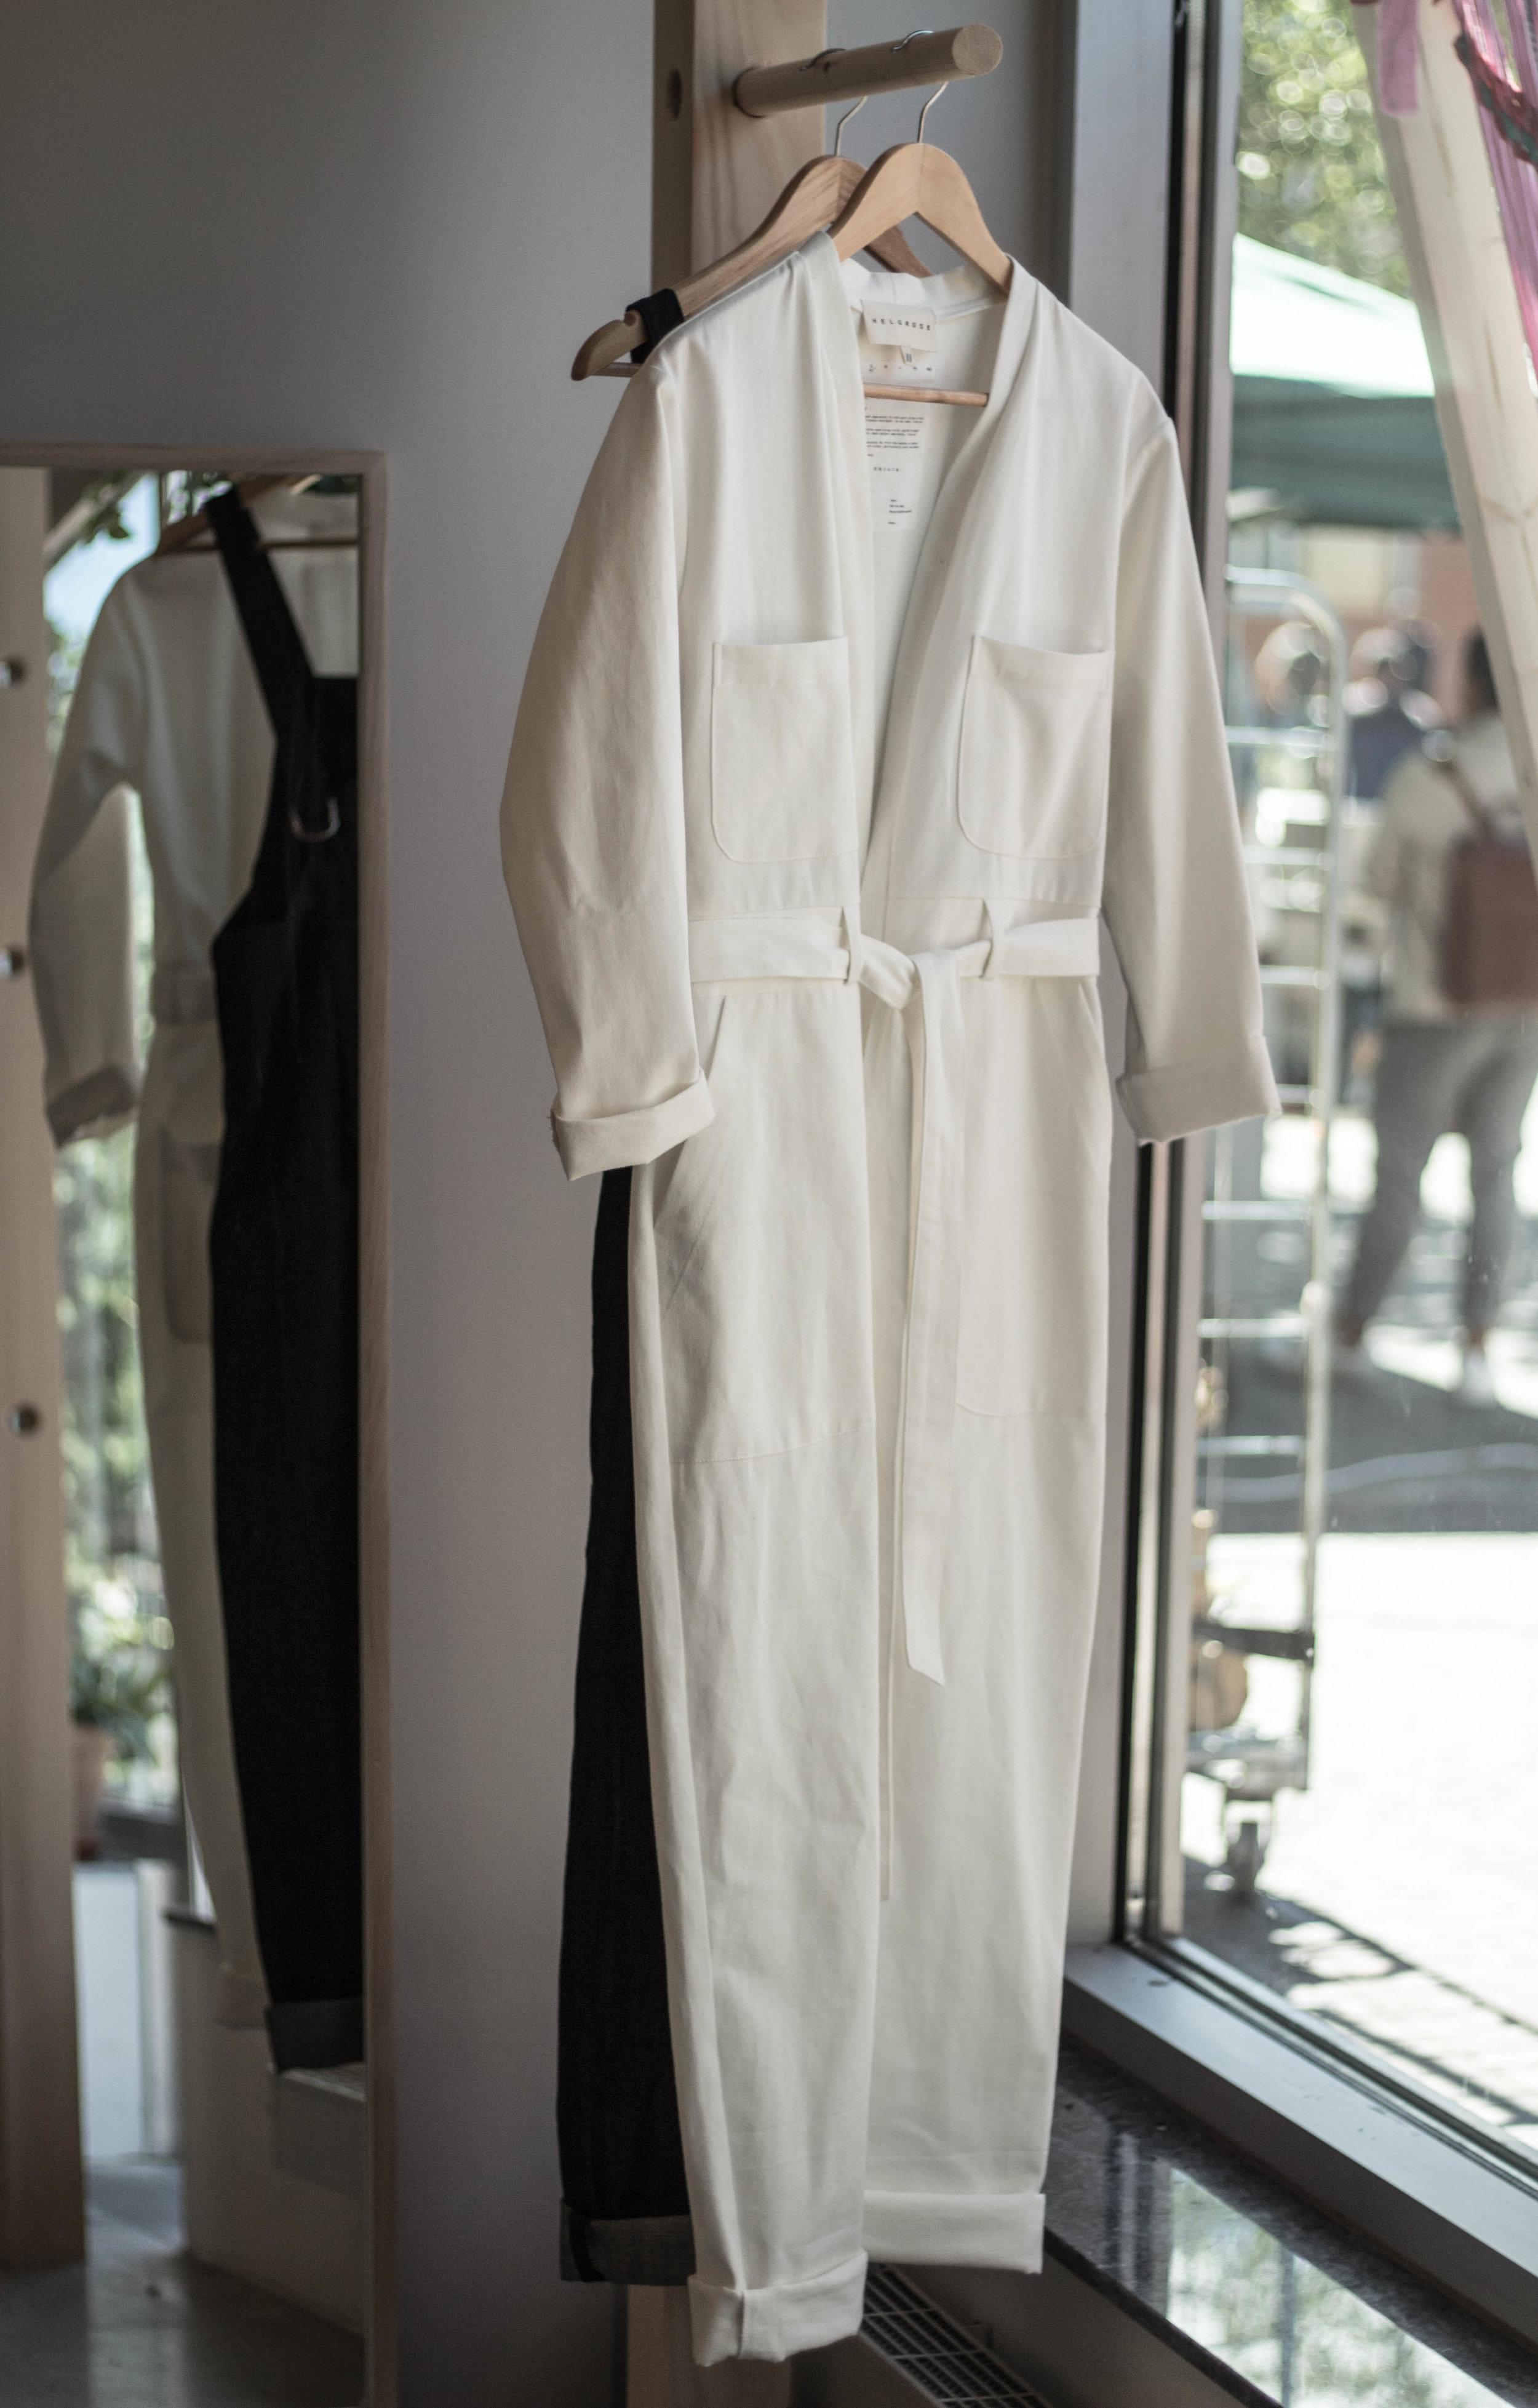 Det som fångade mitt intresse i skyltfönstret var den vita overallen. Fantastisk modell som är tänkt som en unisex-modell.